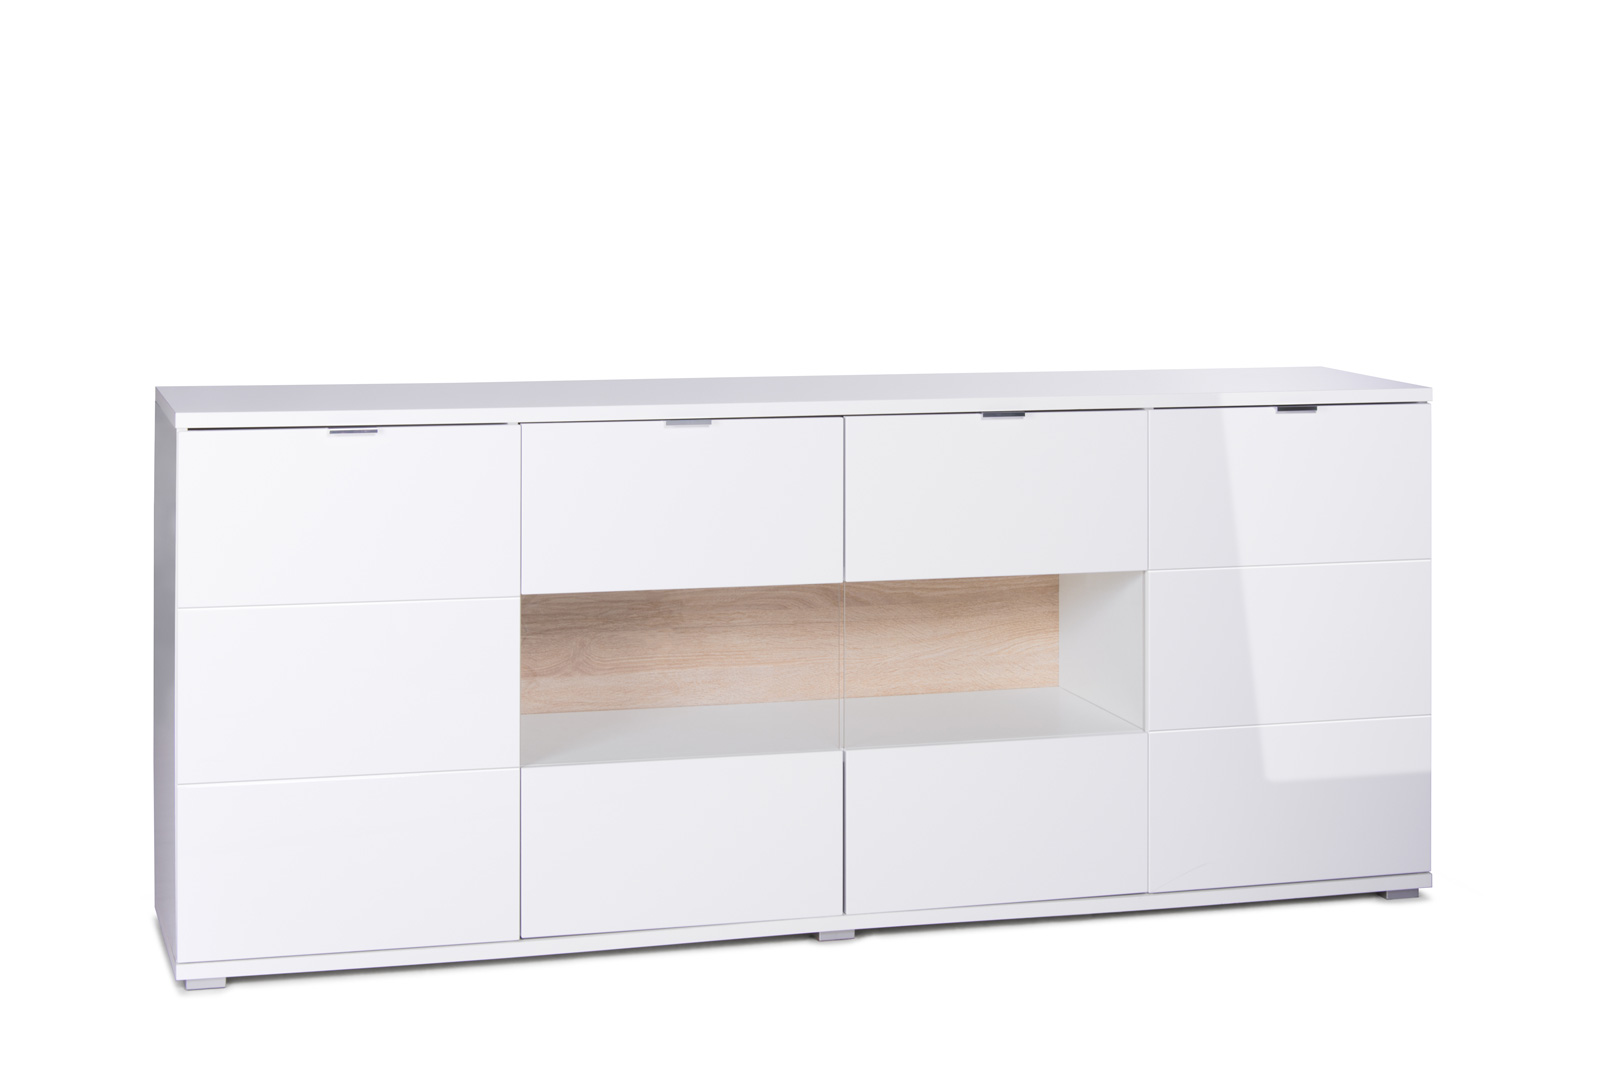 Sam sideboard holz 200 x 85 cm glossy 5 g nstig for Sideboard 200 cm holz